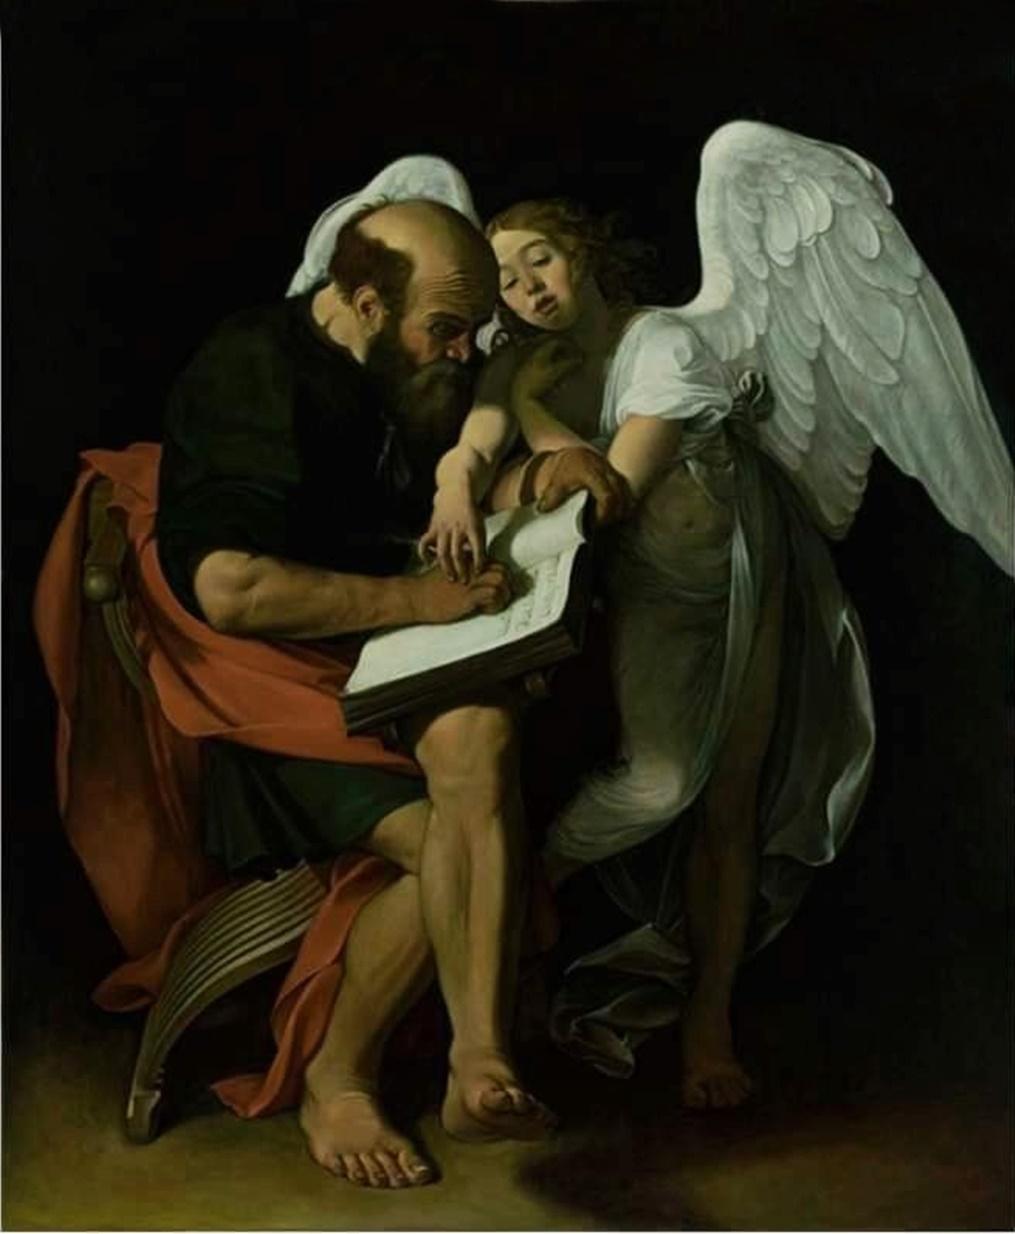 Caravaggio MatthewAndTheAngel byMikeyAngels.jpg